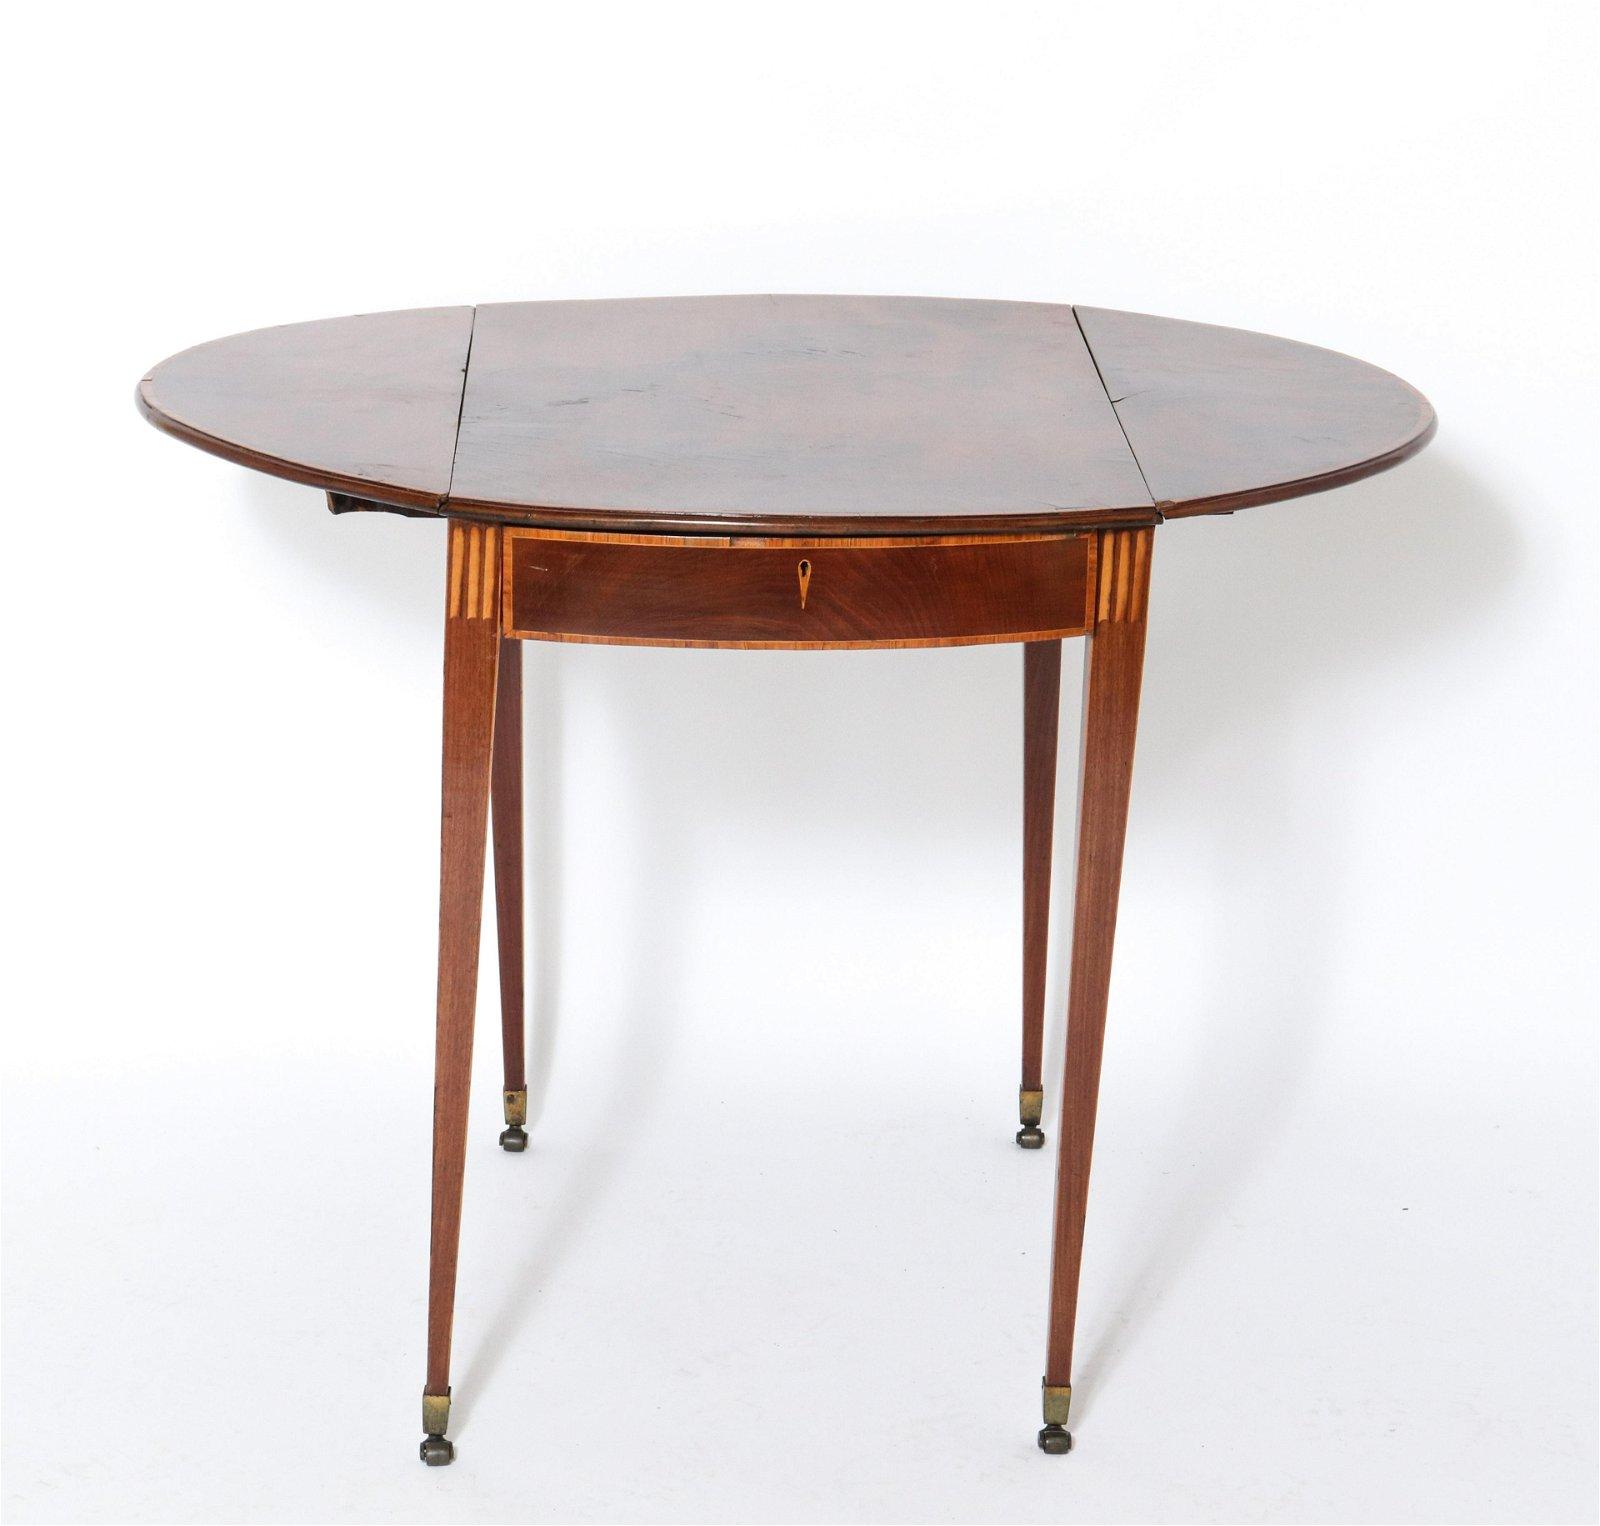 Antique Drop Leaf Pembroke Table